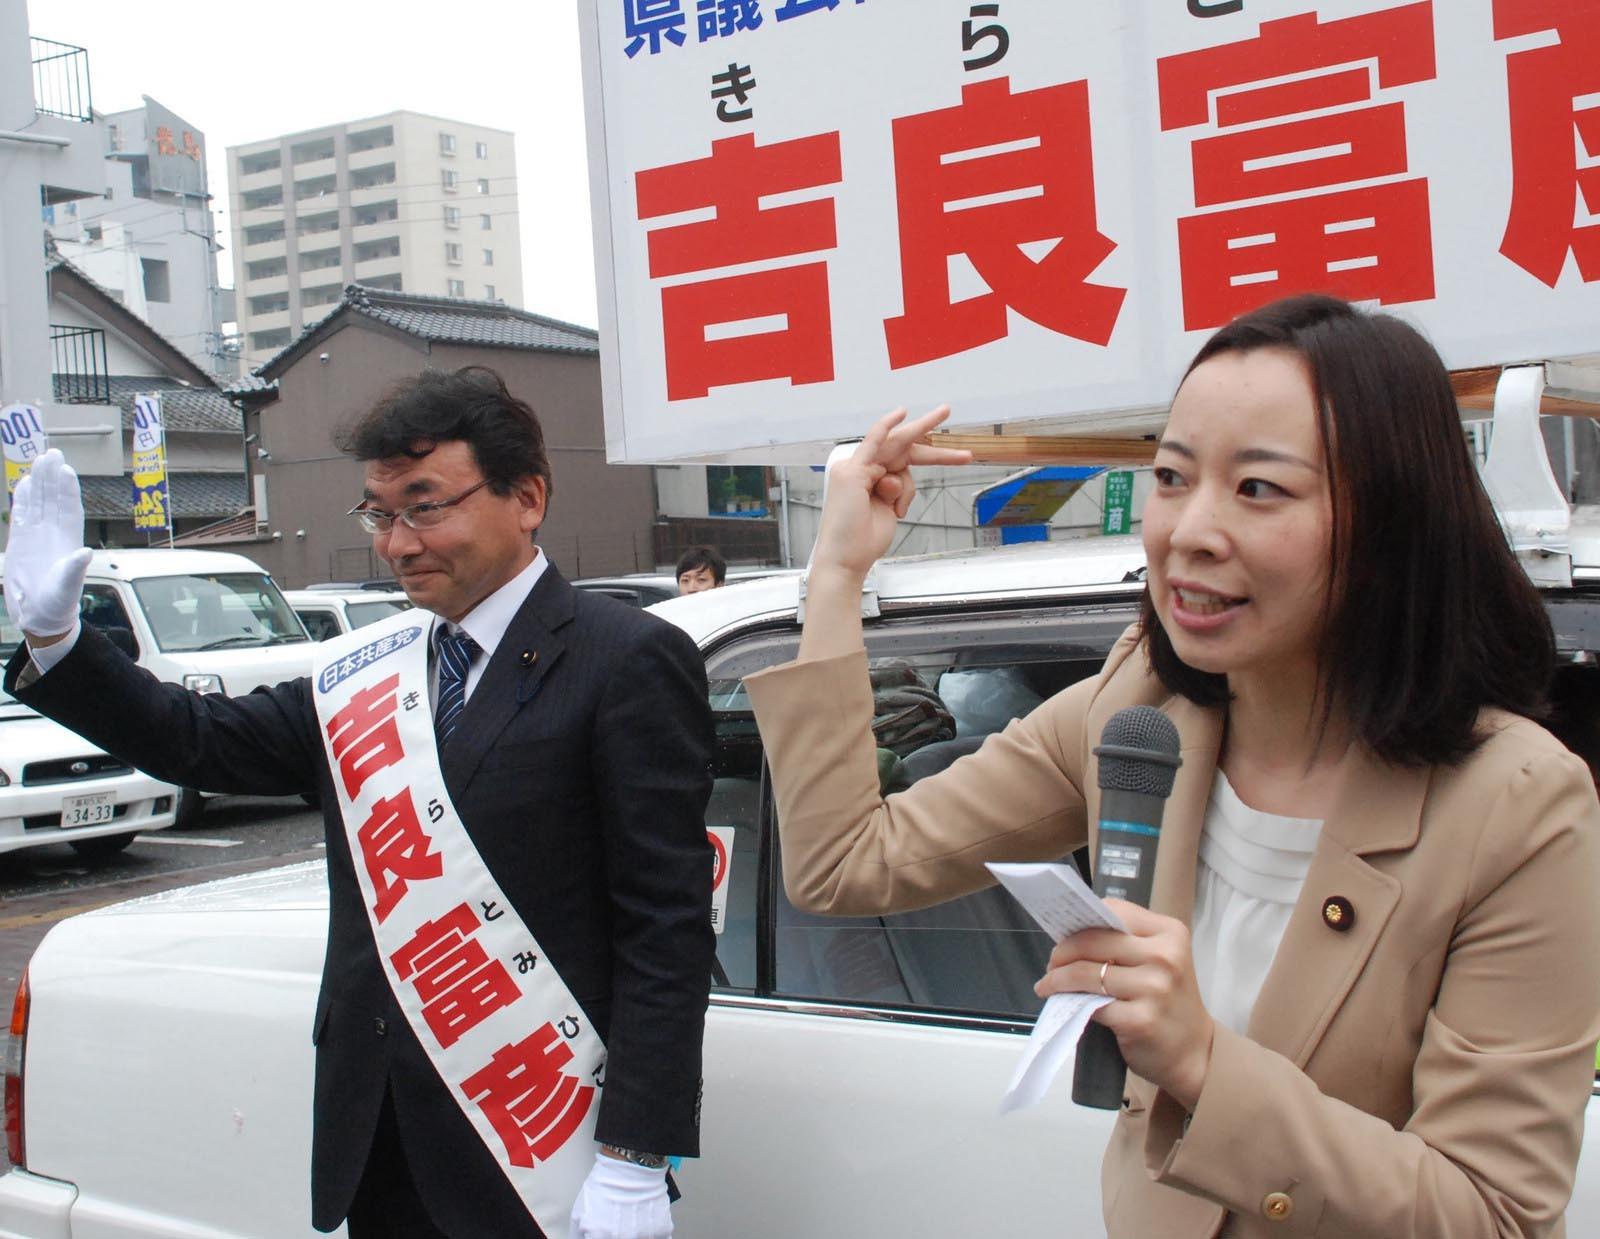 7人の県議団実現をと訴える吉良参院議員。左は吉良候補=5日、高知市